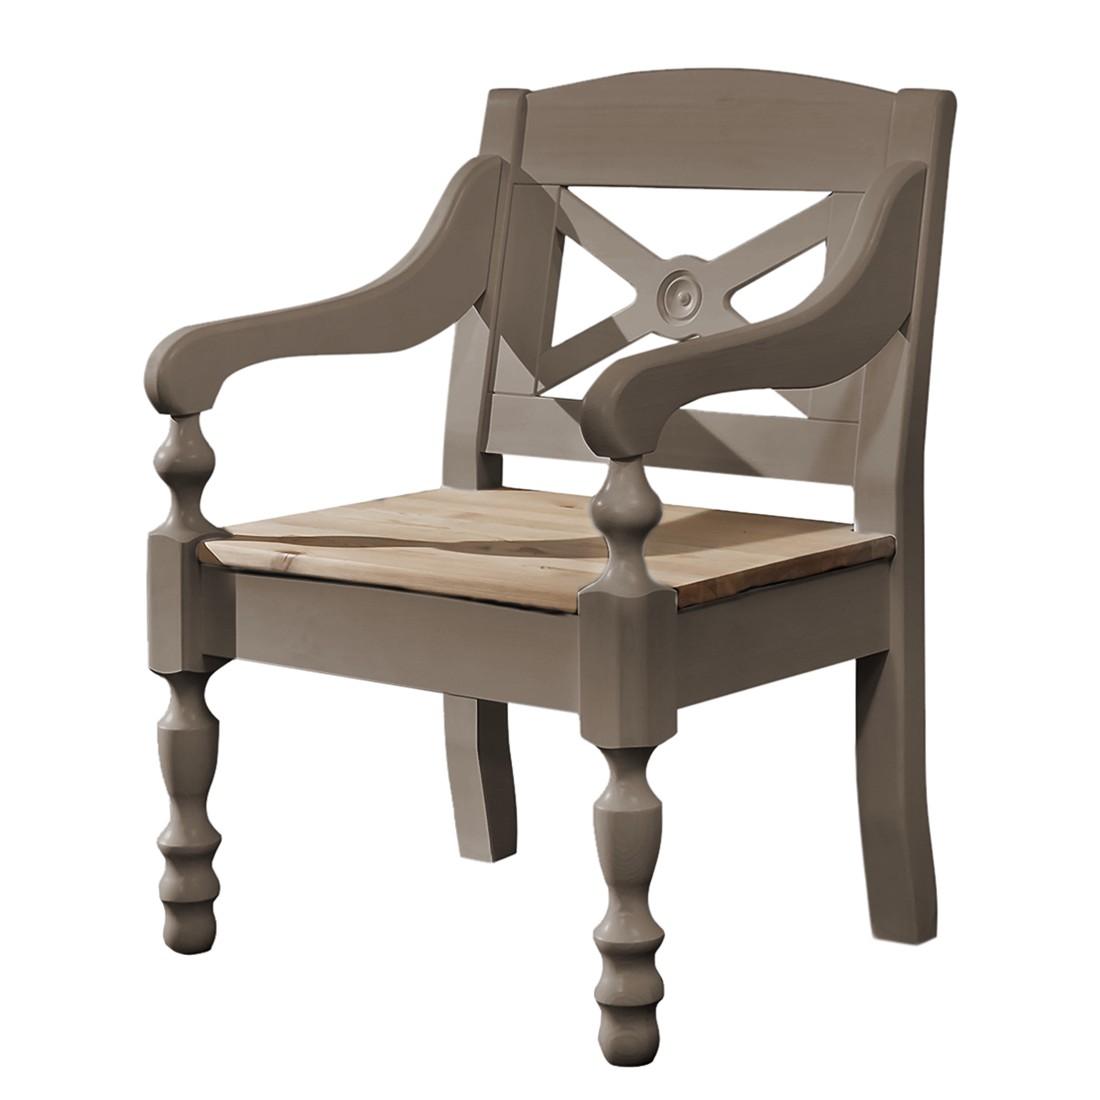 sessel bergen kiefer massiv grau laugenfarbig landhaus classic g nstig. Black Bedroom Furniture Sets. Home Design Ideas